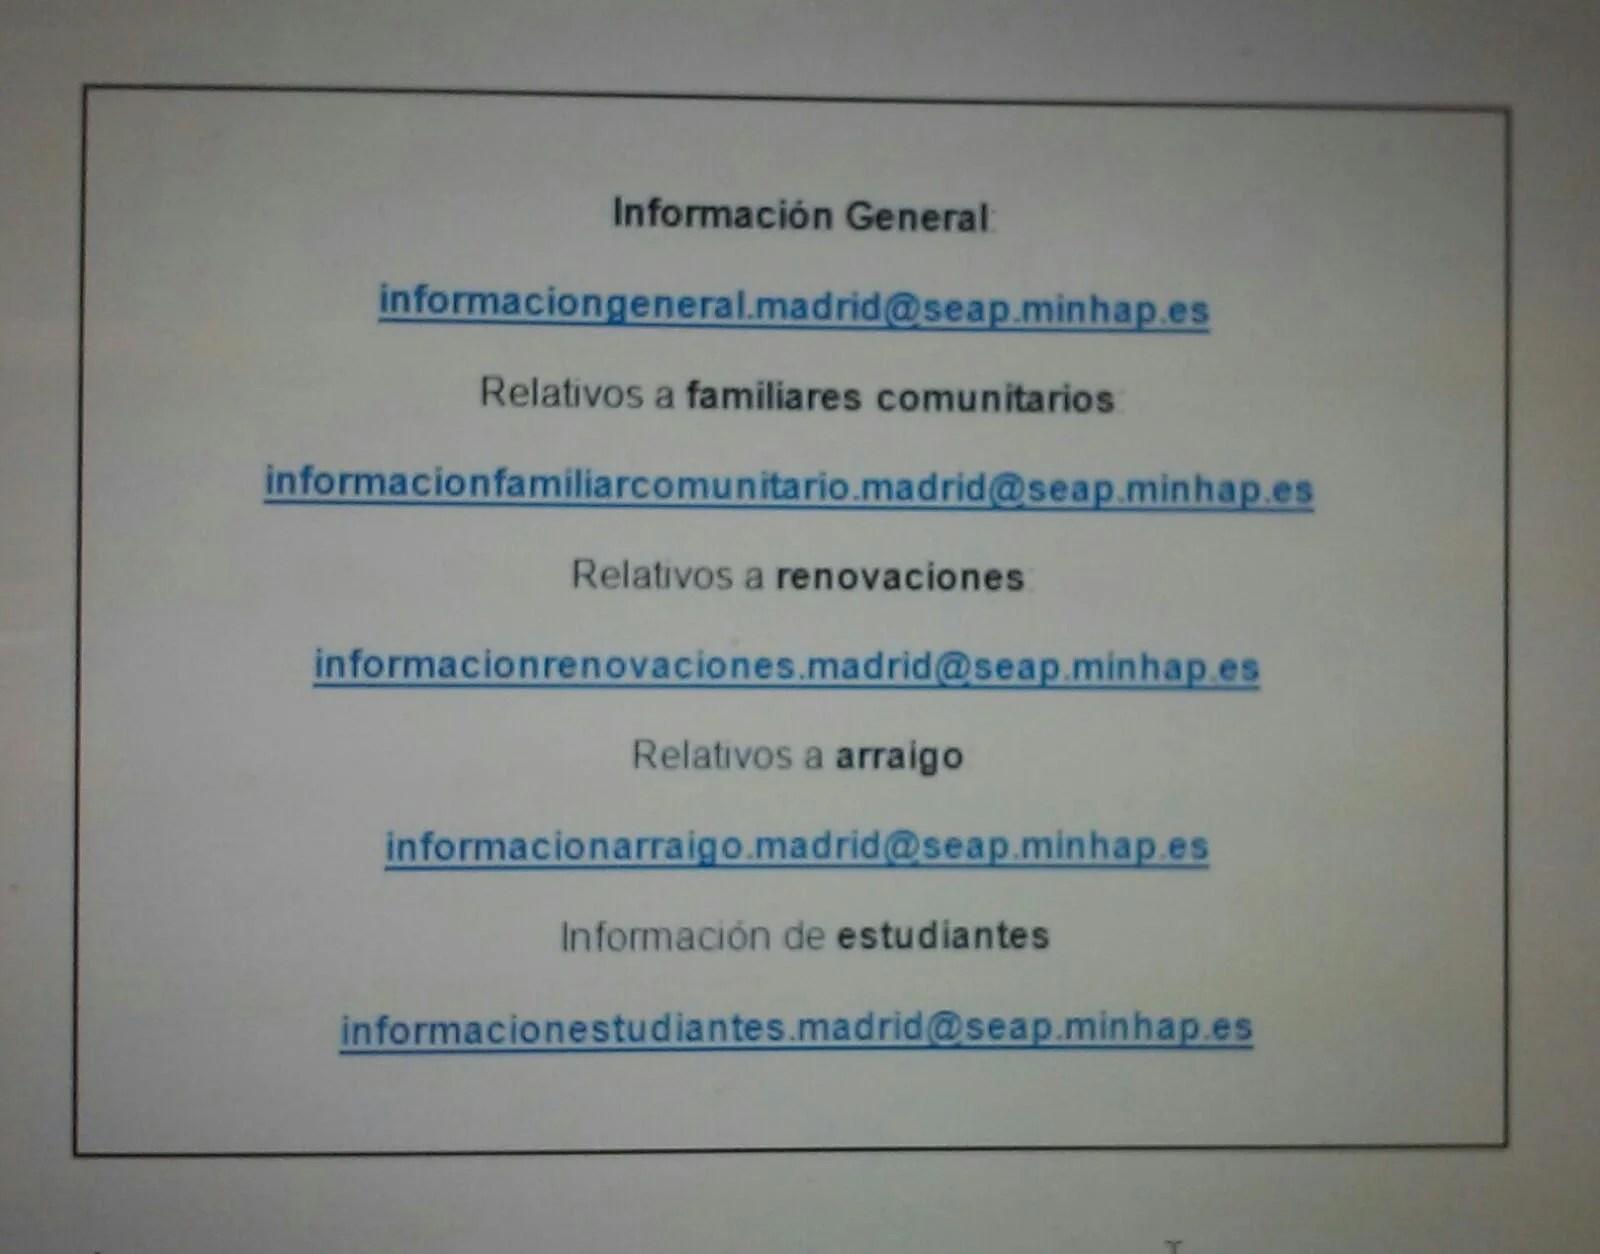 Informaci n tr mites extranjer a madrid blog extranjer a for Oficina extranjeria madrid